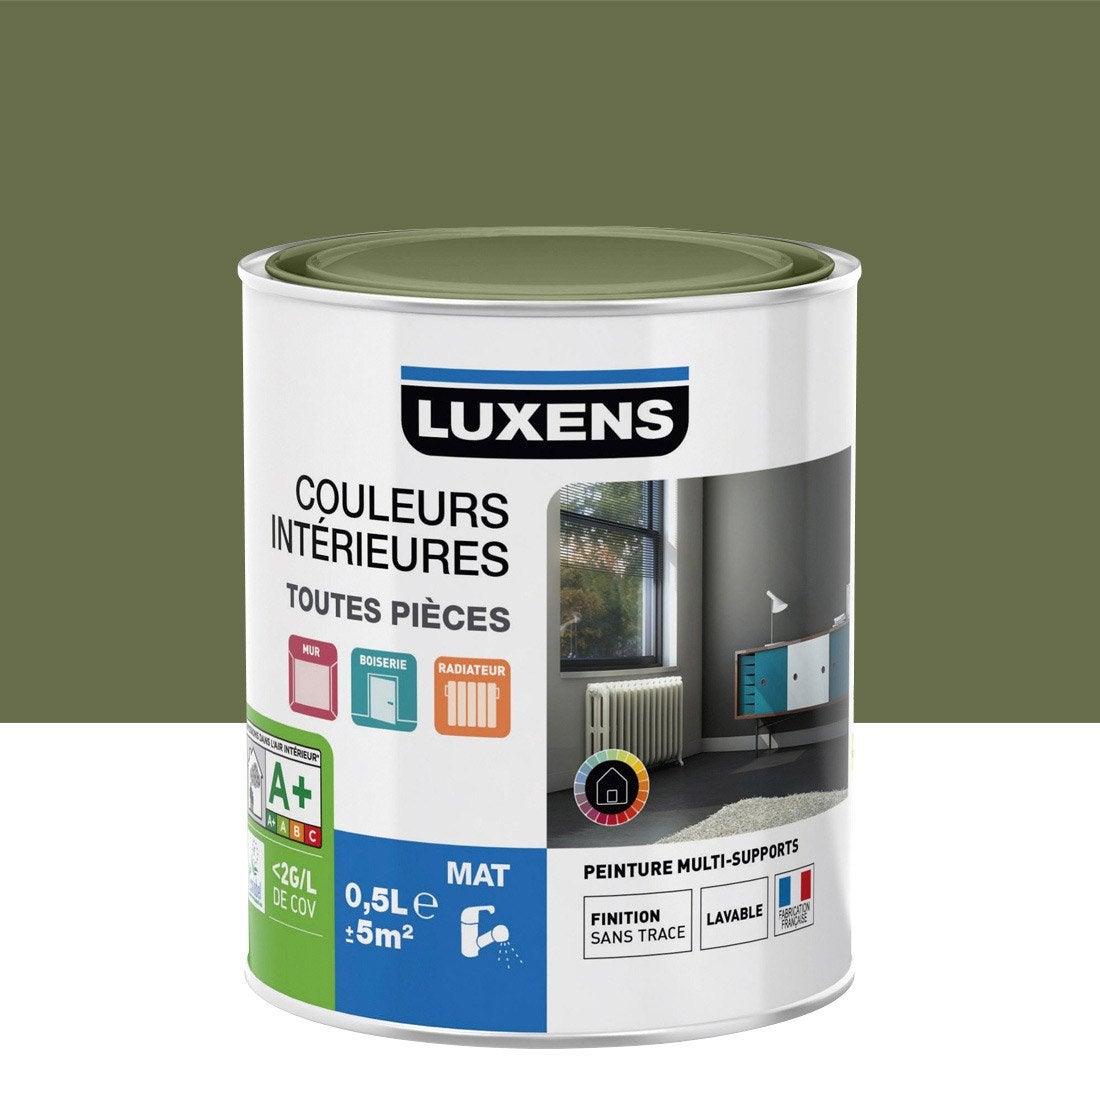 Peinture vert kaki 1 luxens couleurs int rieures mat 0 5 l leroy merlin - Peinture ressource prix litre ...